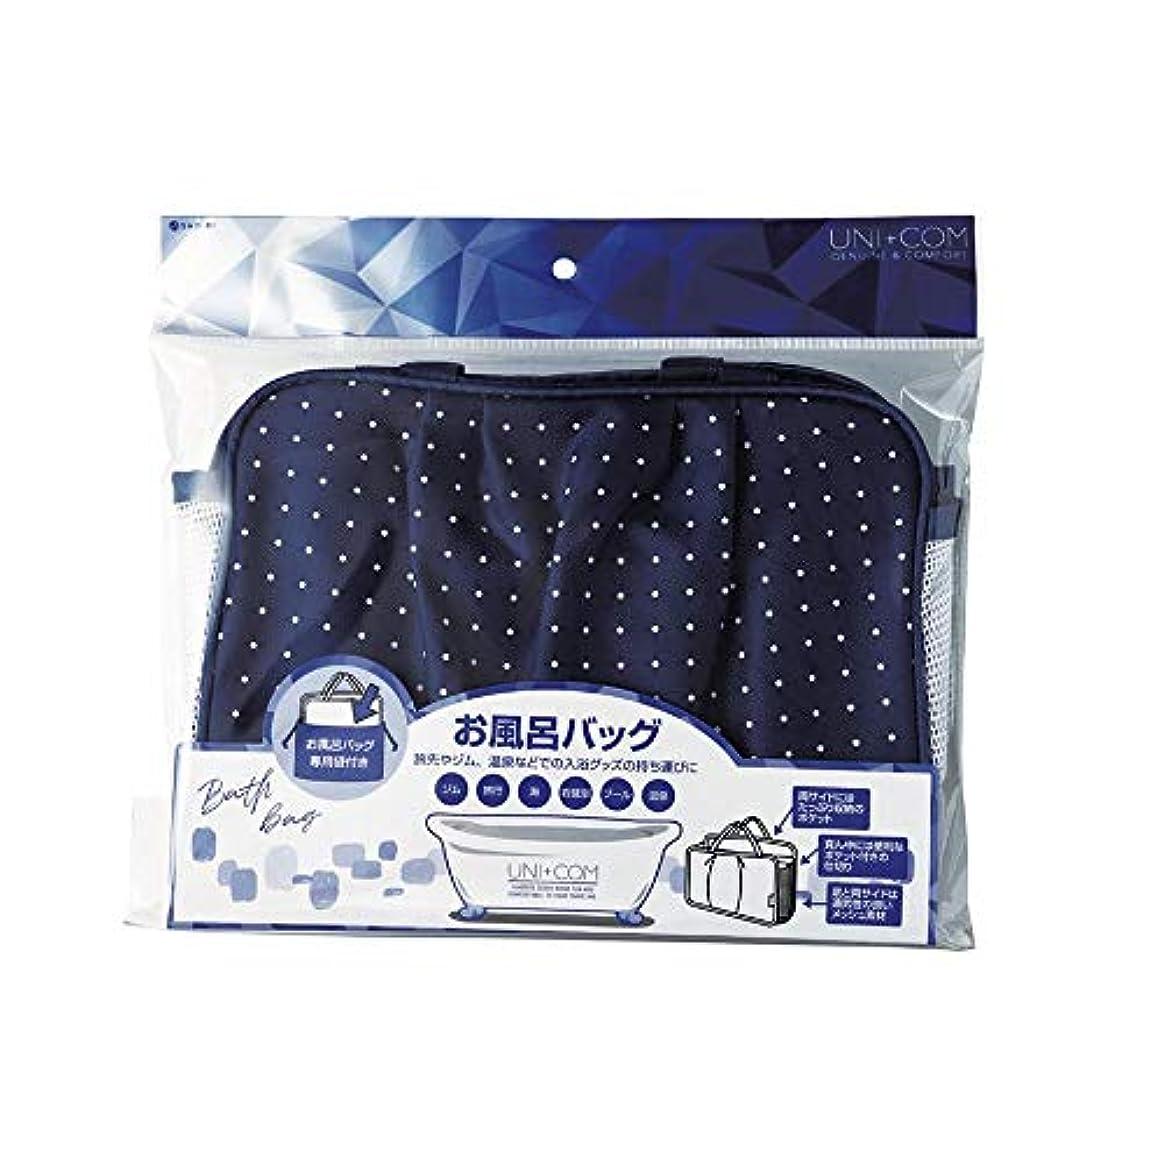 国勢調査あいまい大通りUNI+COM お風呂バッグ ドット UC40508